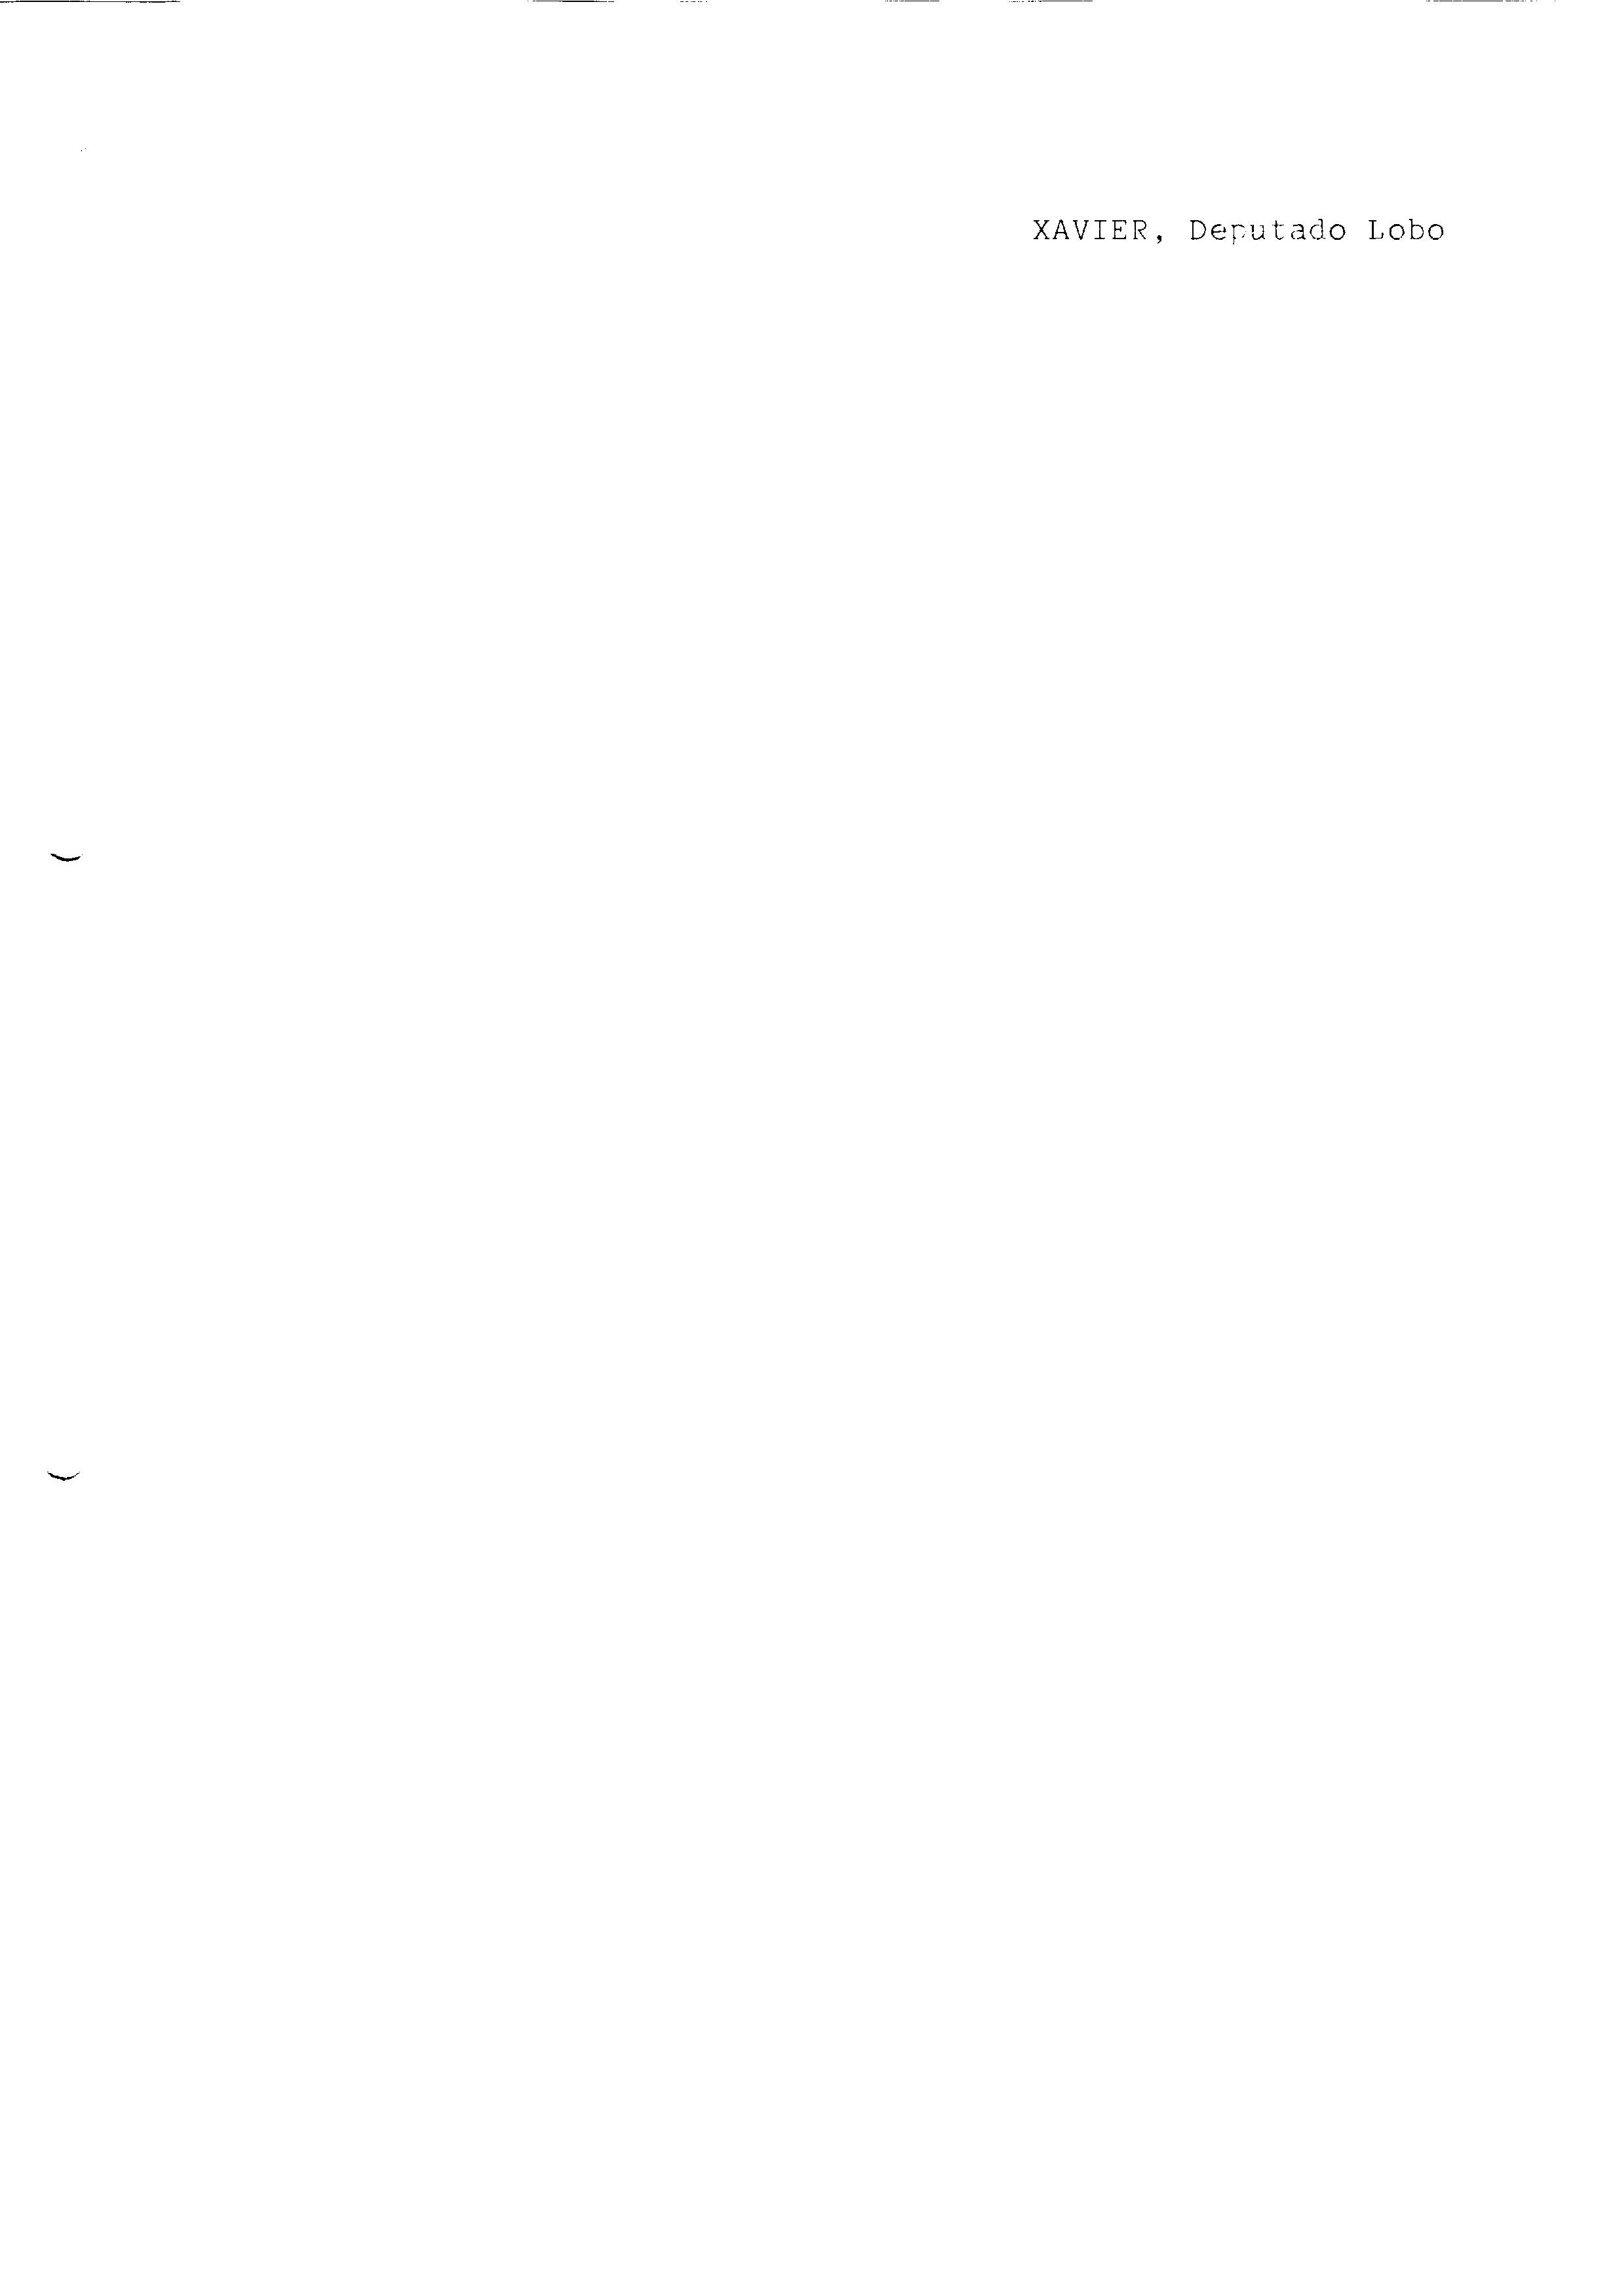 02004.022- pag.1